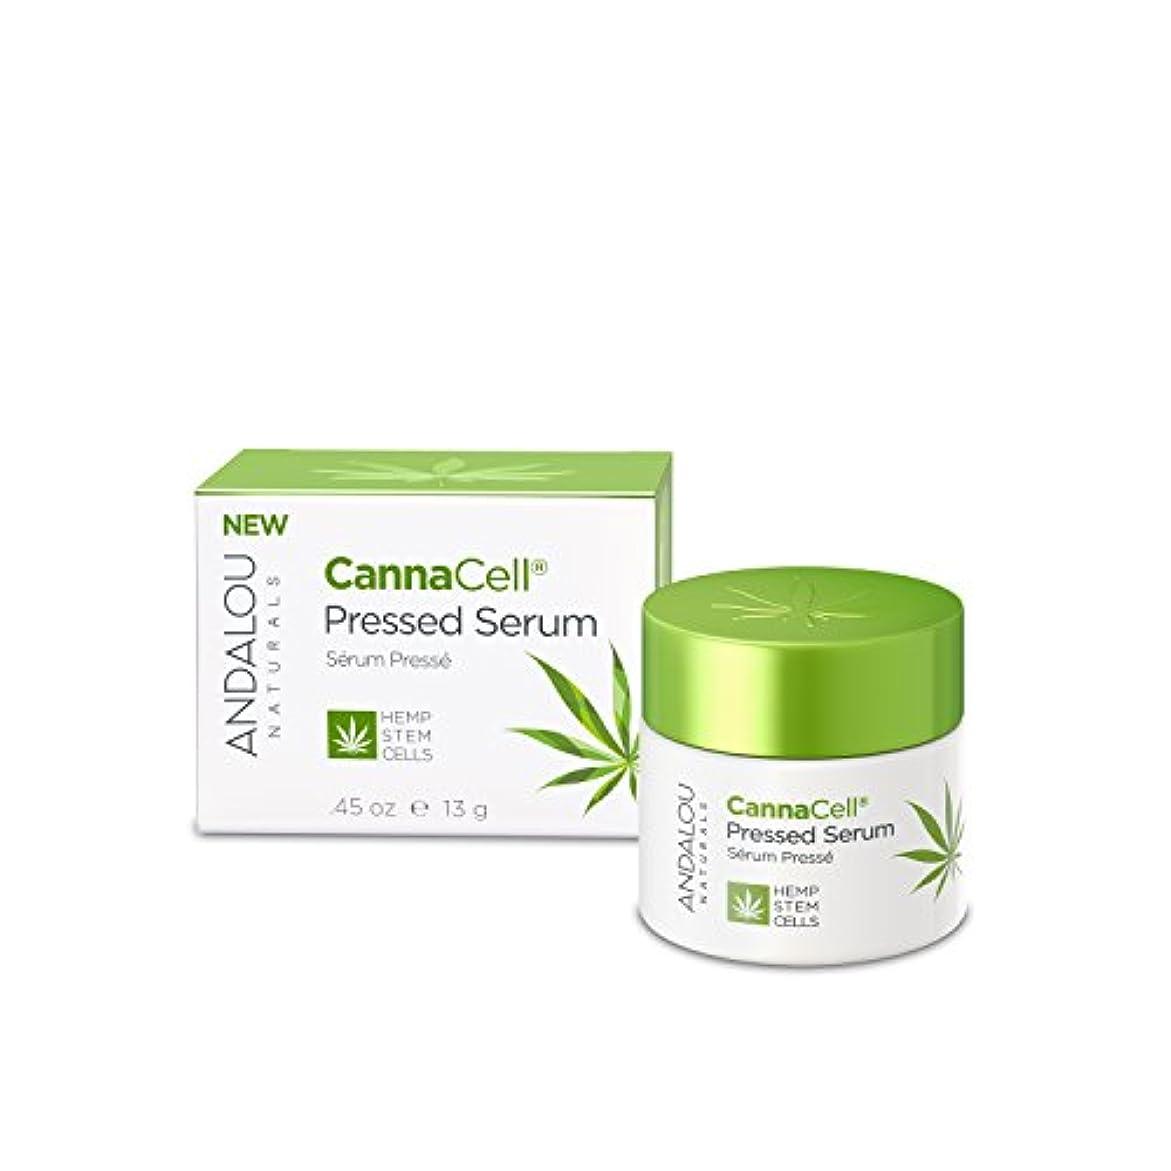 それら押す不条理オーガニック ボタニカル 美容液 セラム ナチュラル フルーツ幹細胞 ヘンプ幹細胞 「 CannaCell® プレストセラム 」 ANDALOU naturals アンダルー ナチュラルズ